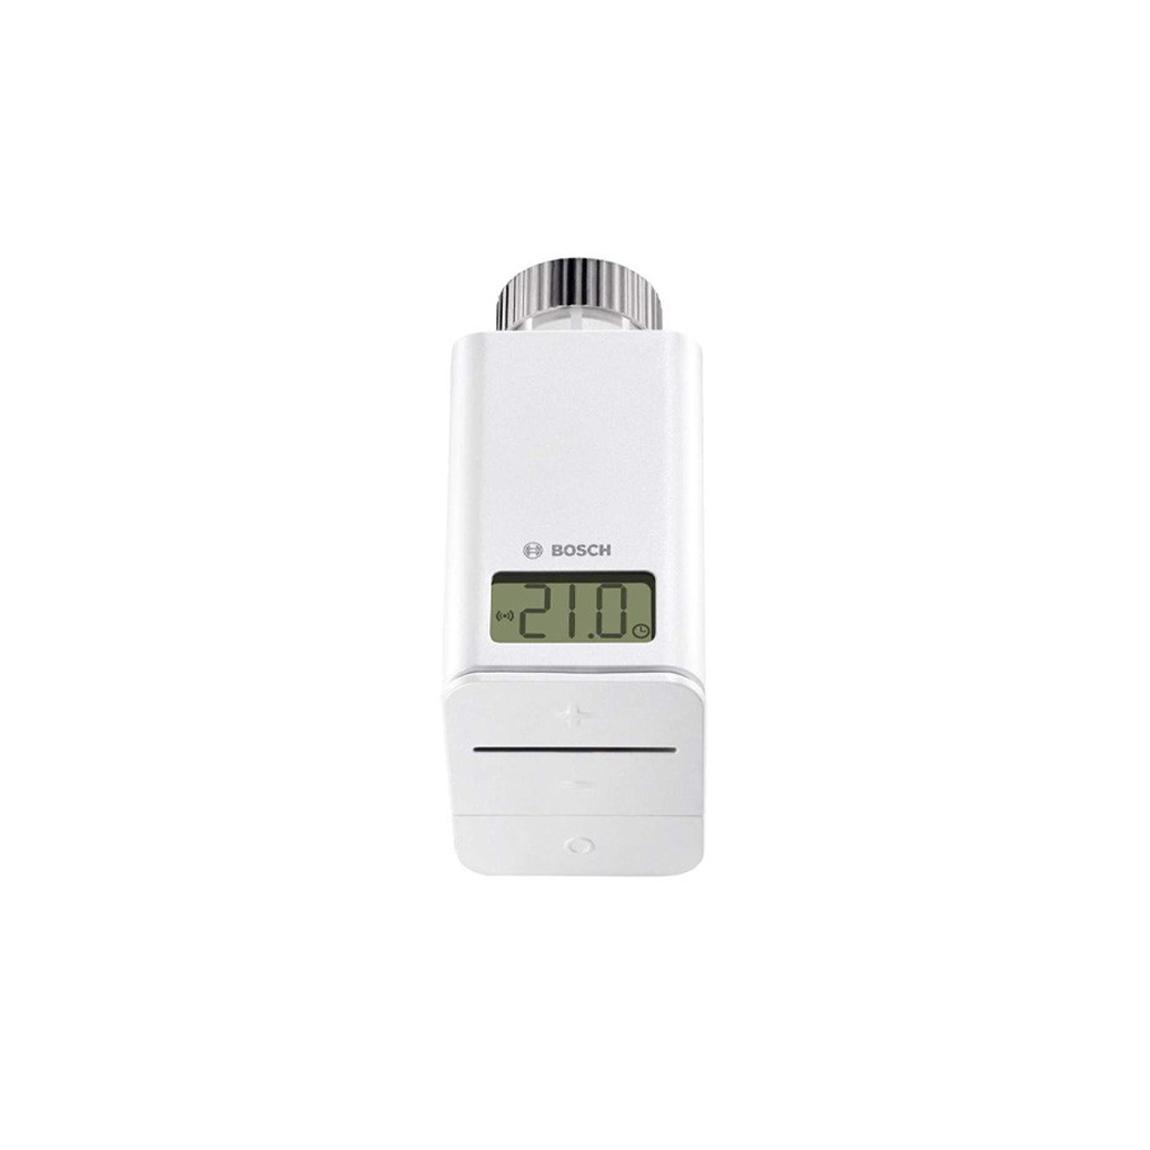 Bosch Smart Home WLAN-Heizkörperthermostat